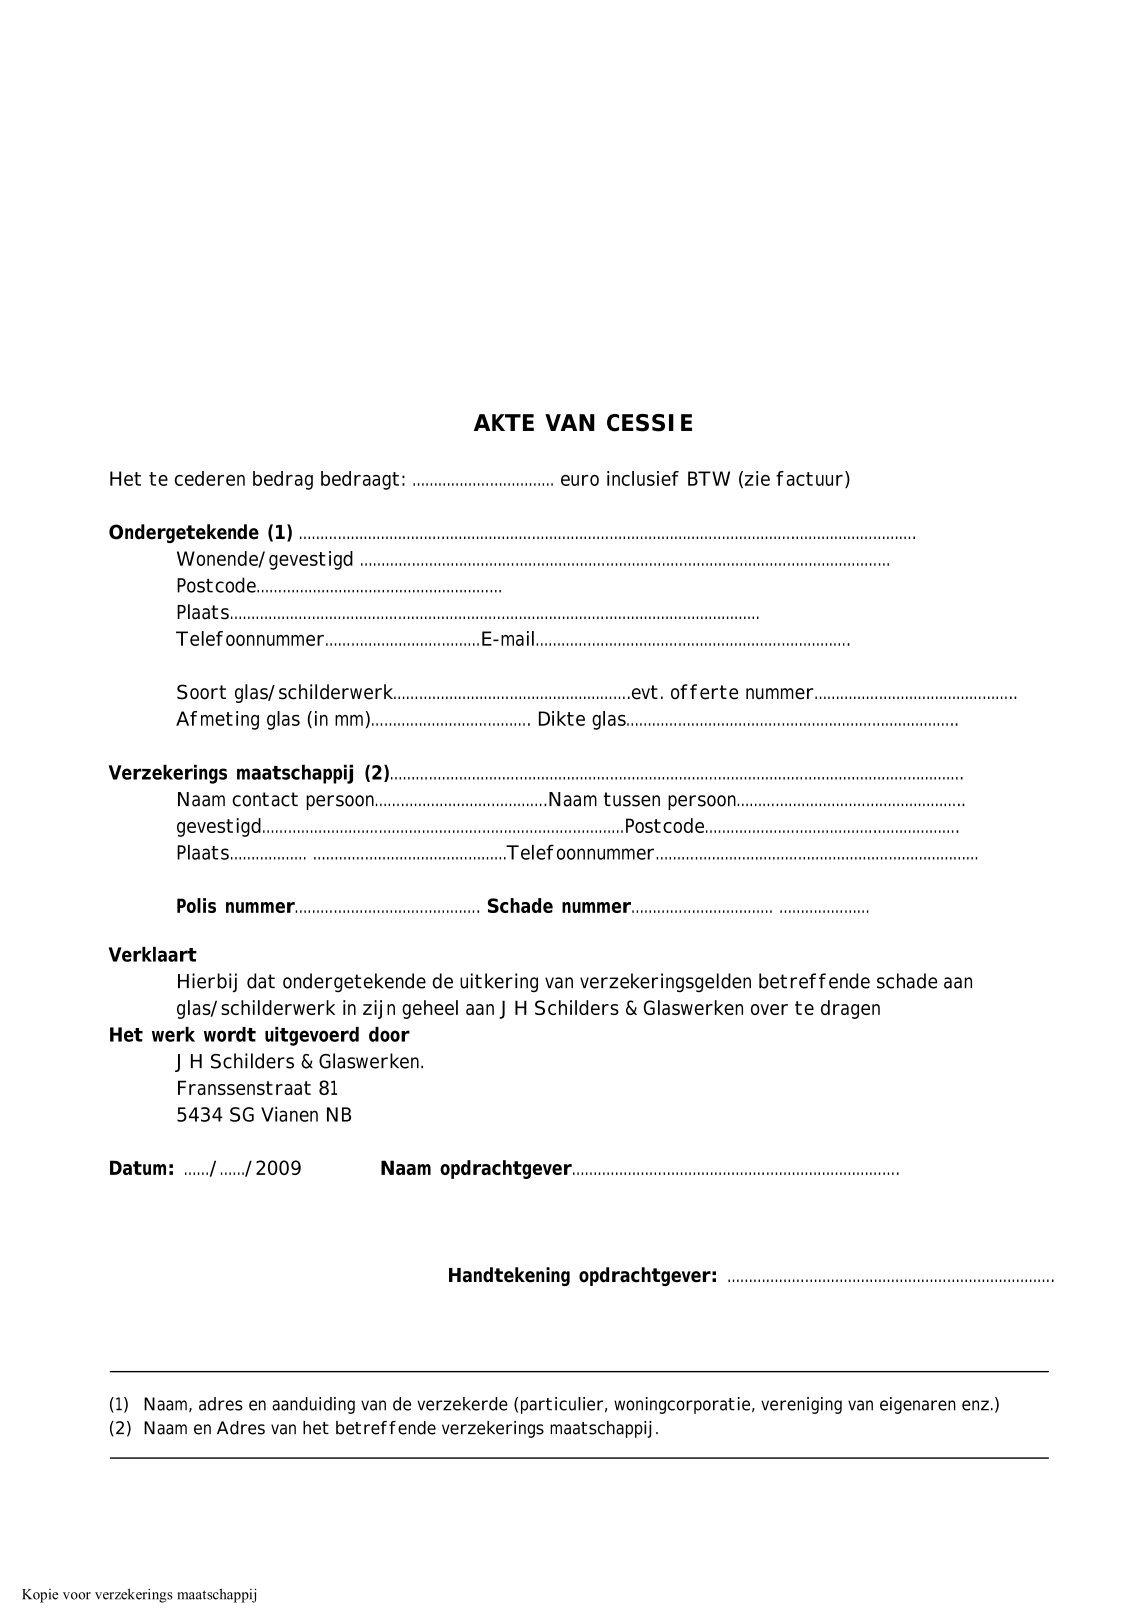 akte van cessie 1 free Magazines from JH.SCHILDERS.NL